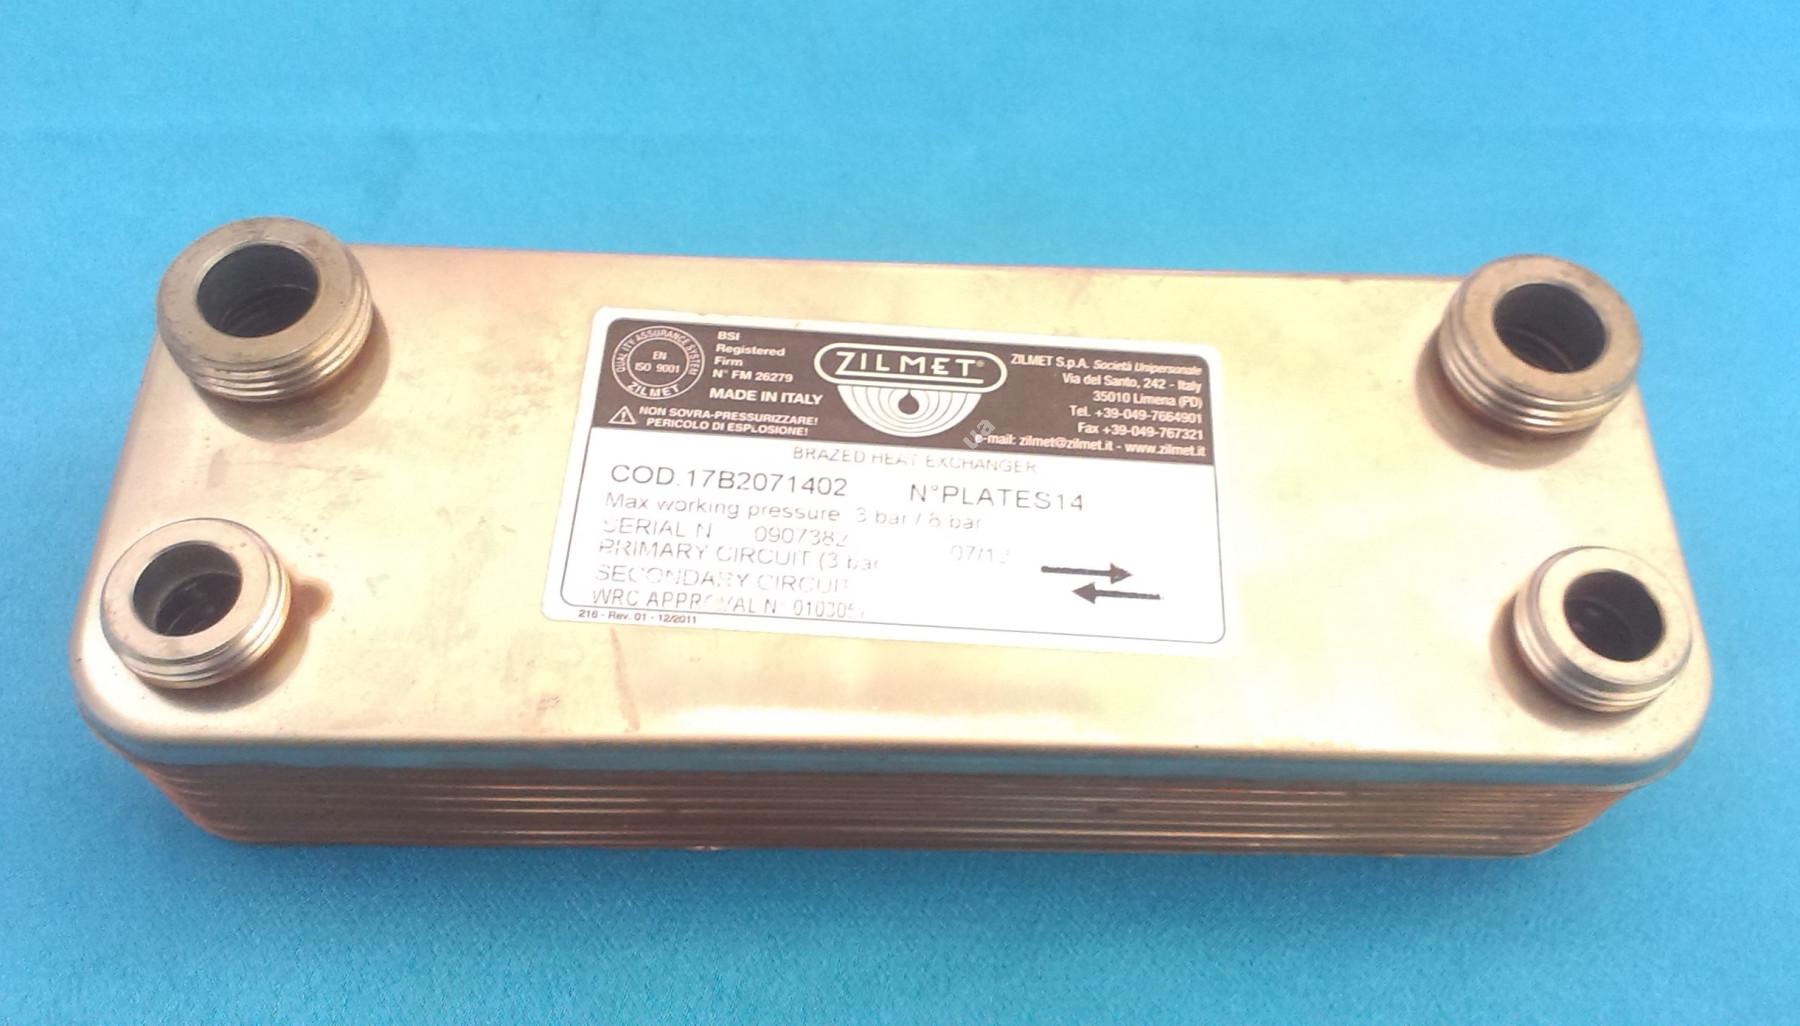 17B2071402 Теплообмінник вторинний ГВП 14 пластин Zilmet  full-image-0